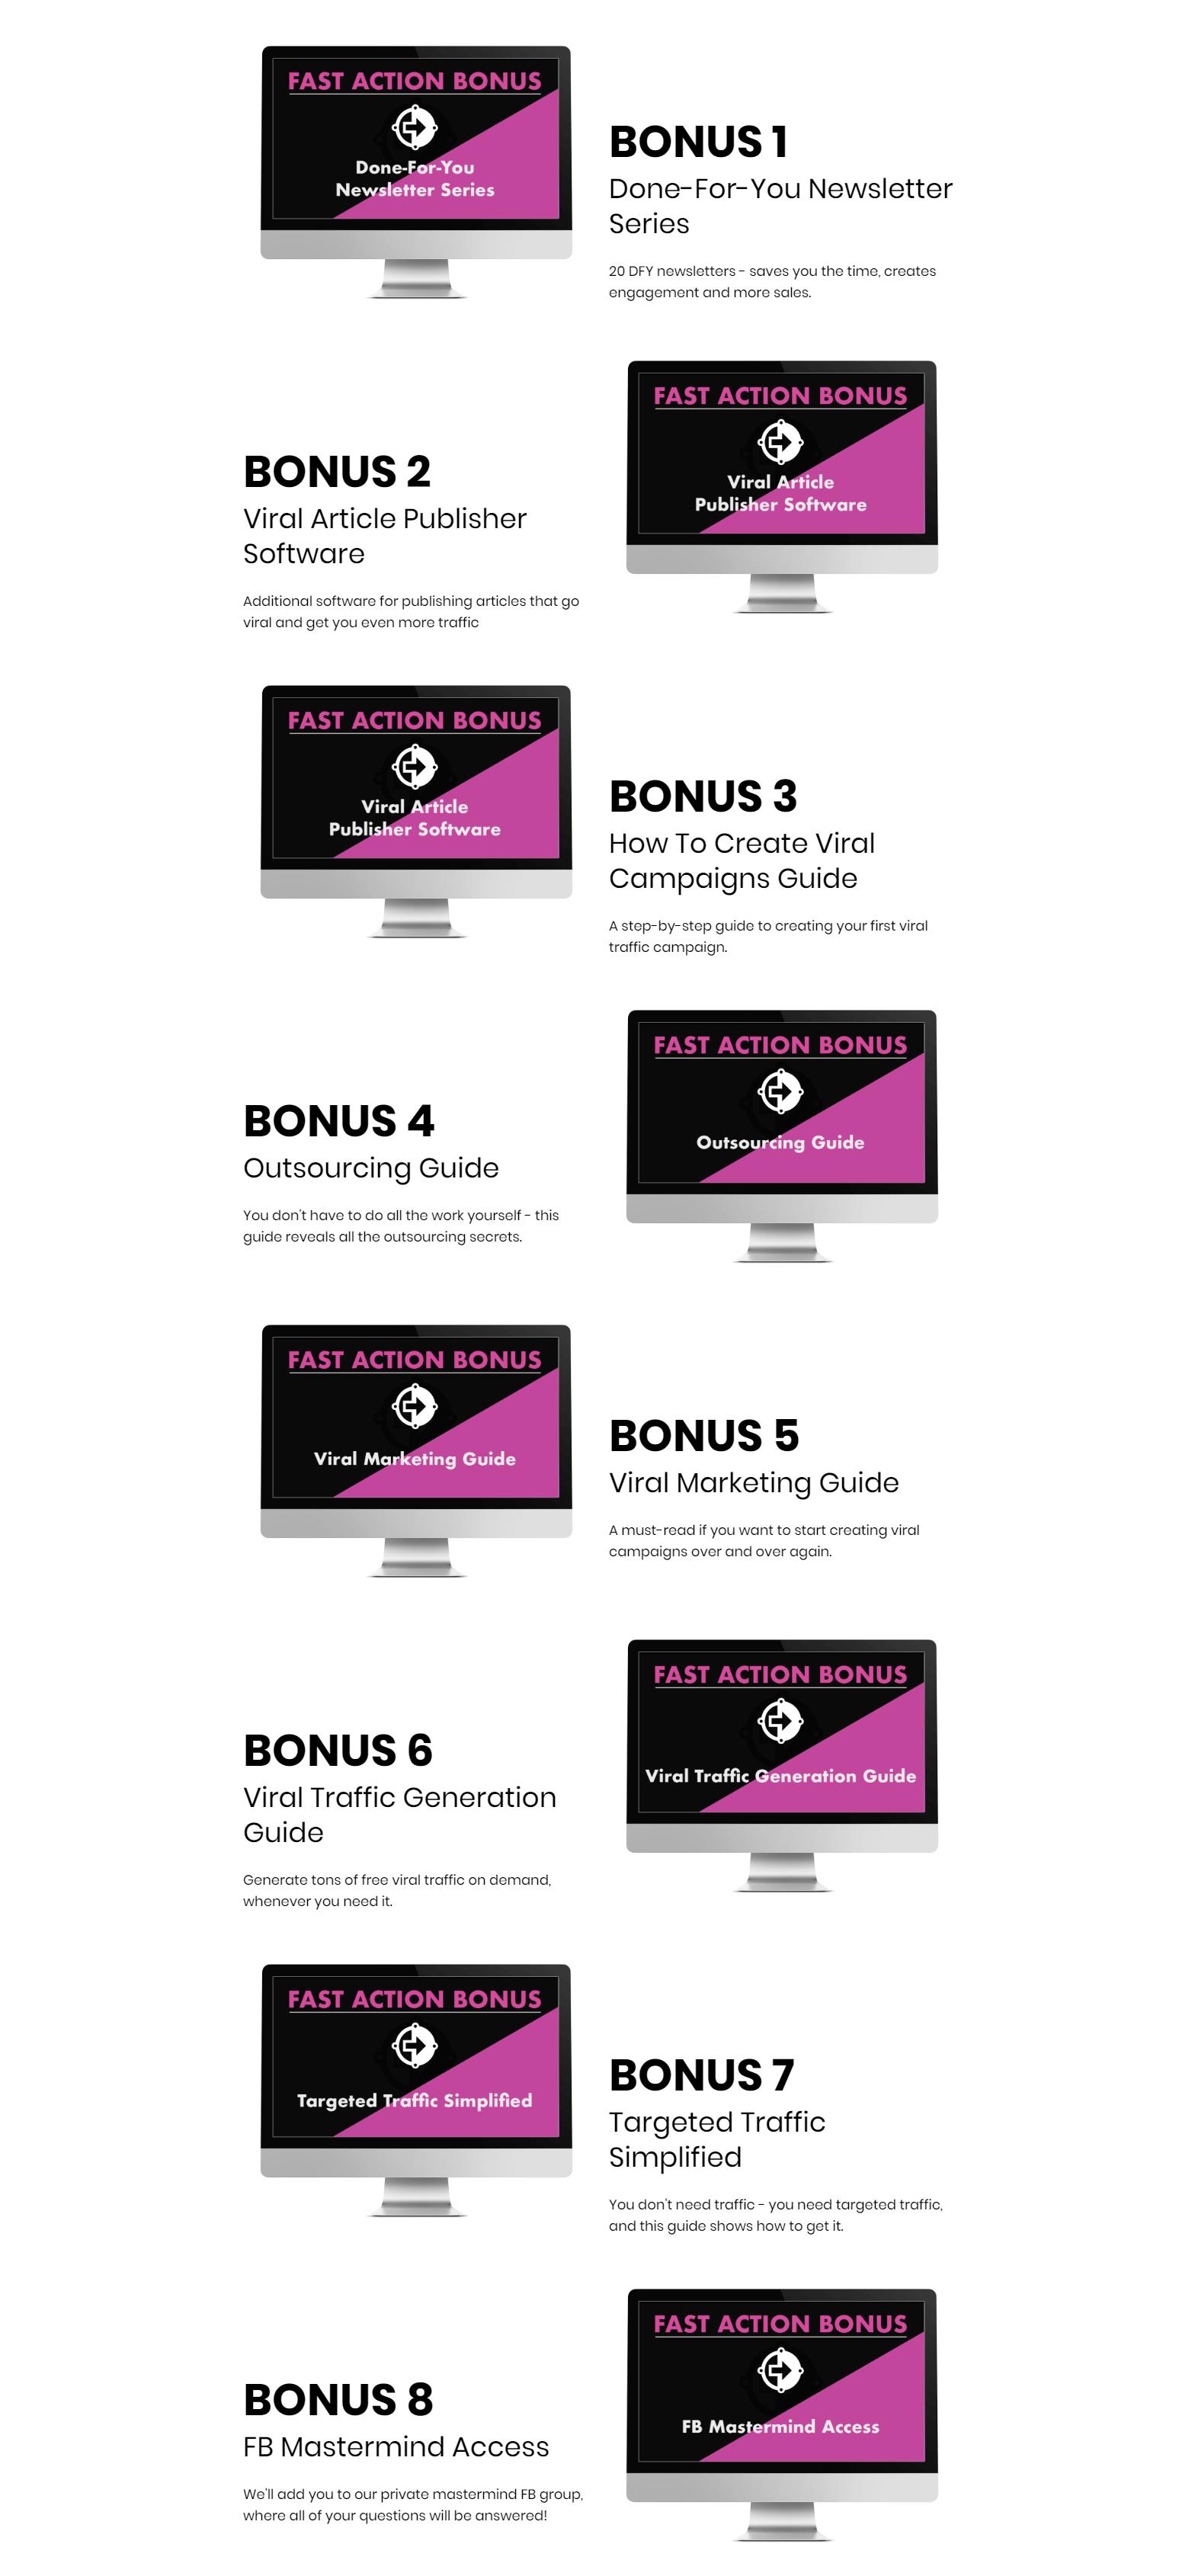 Commission-Hotshot-Review-Bonuses